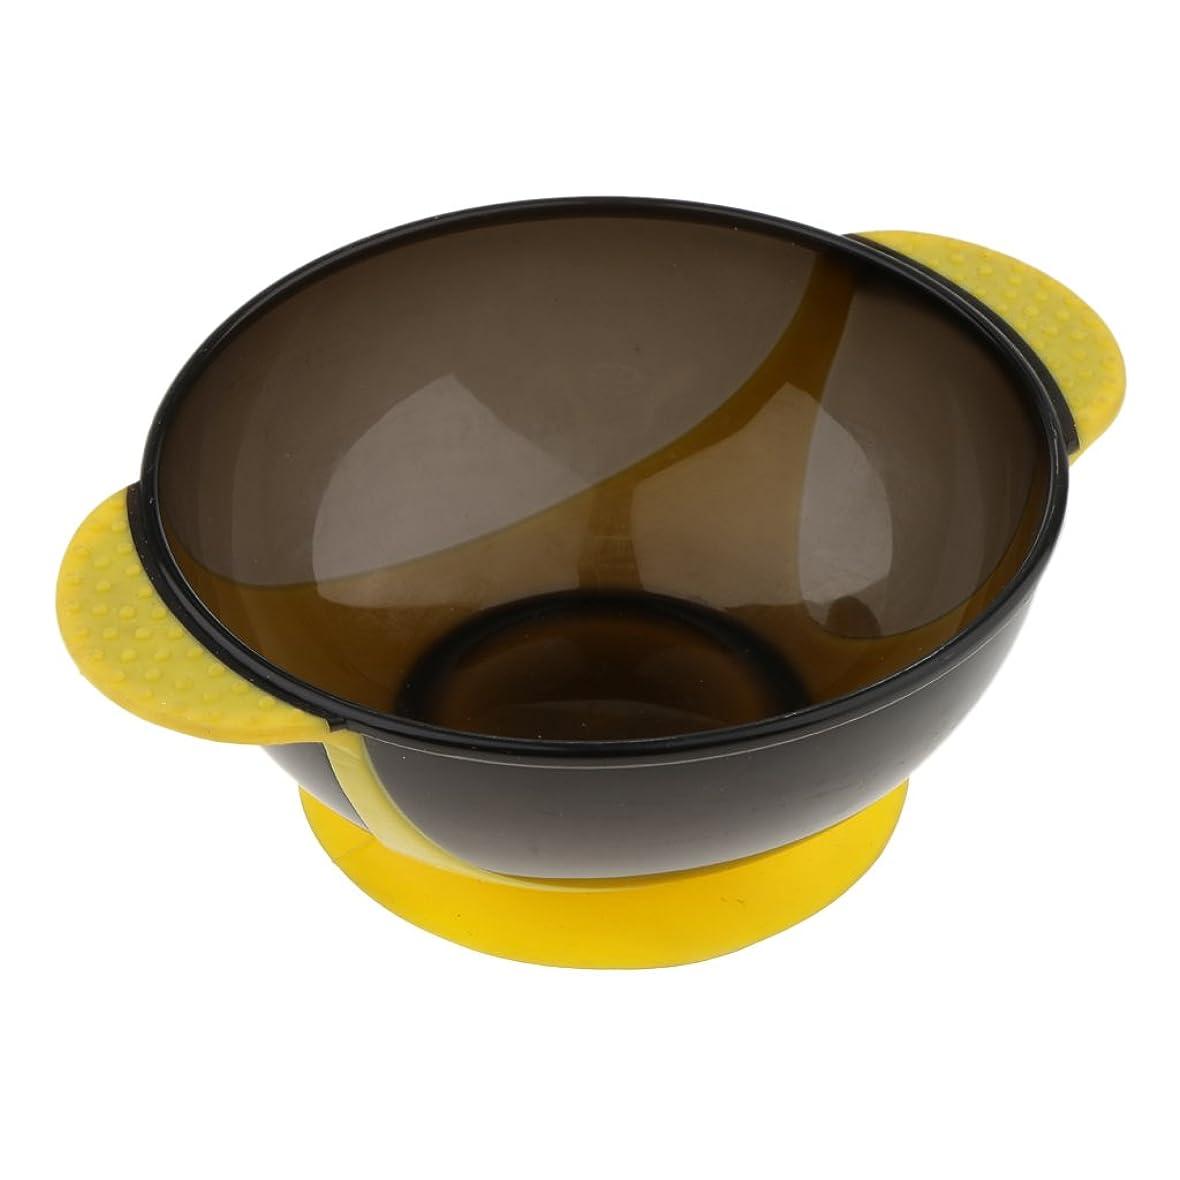 懺悔アーサー転送T TOOYFUL プラスチックサロン髪染めミントボウル着色ツール吸引ベース - 黄